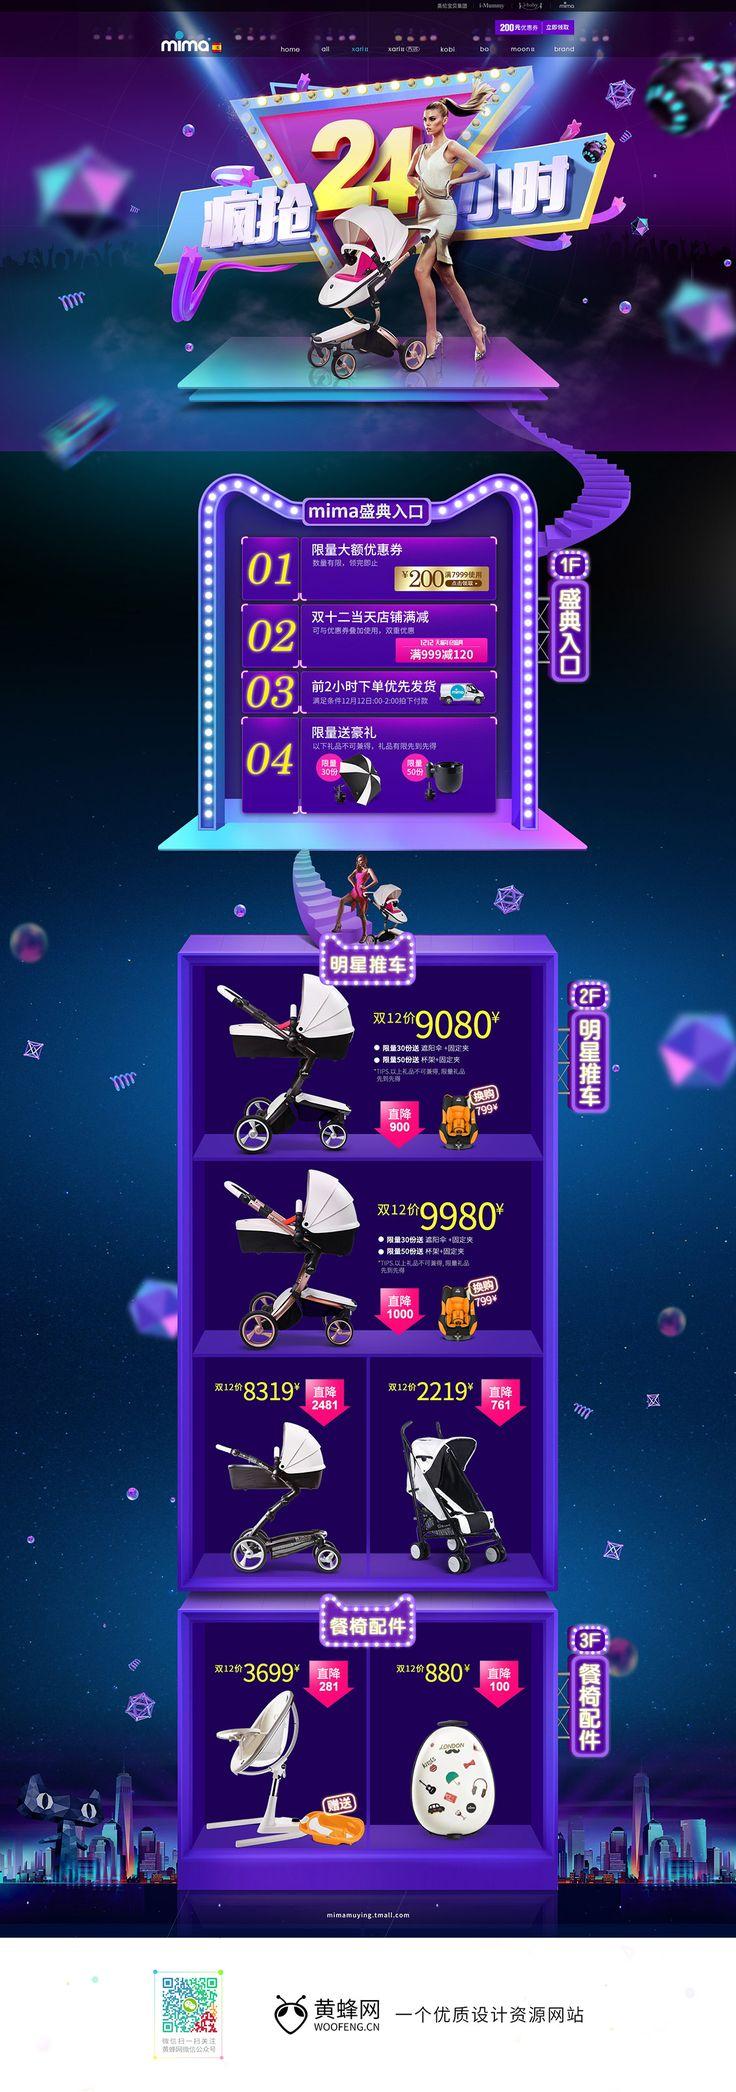 mima母婴用品儿童玩具童装淘宝双12来了 1212品牌盛典 双十二预售天猫首页专题页面设计 来源自黄蜂网http://woofeng.cn/